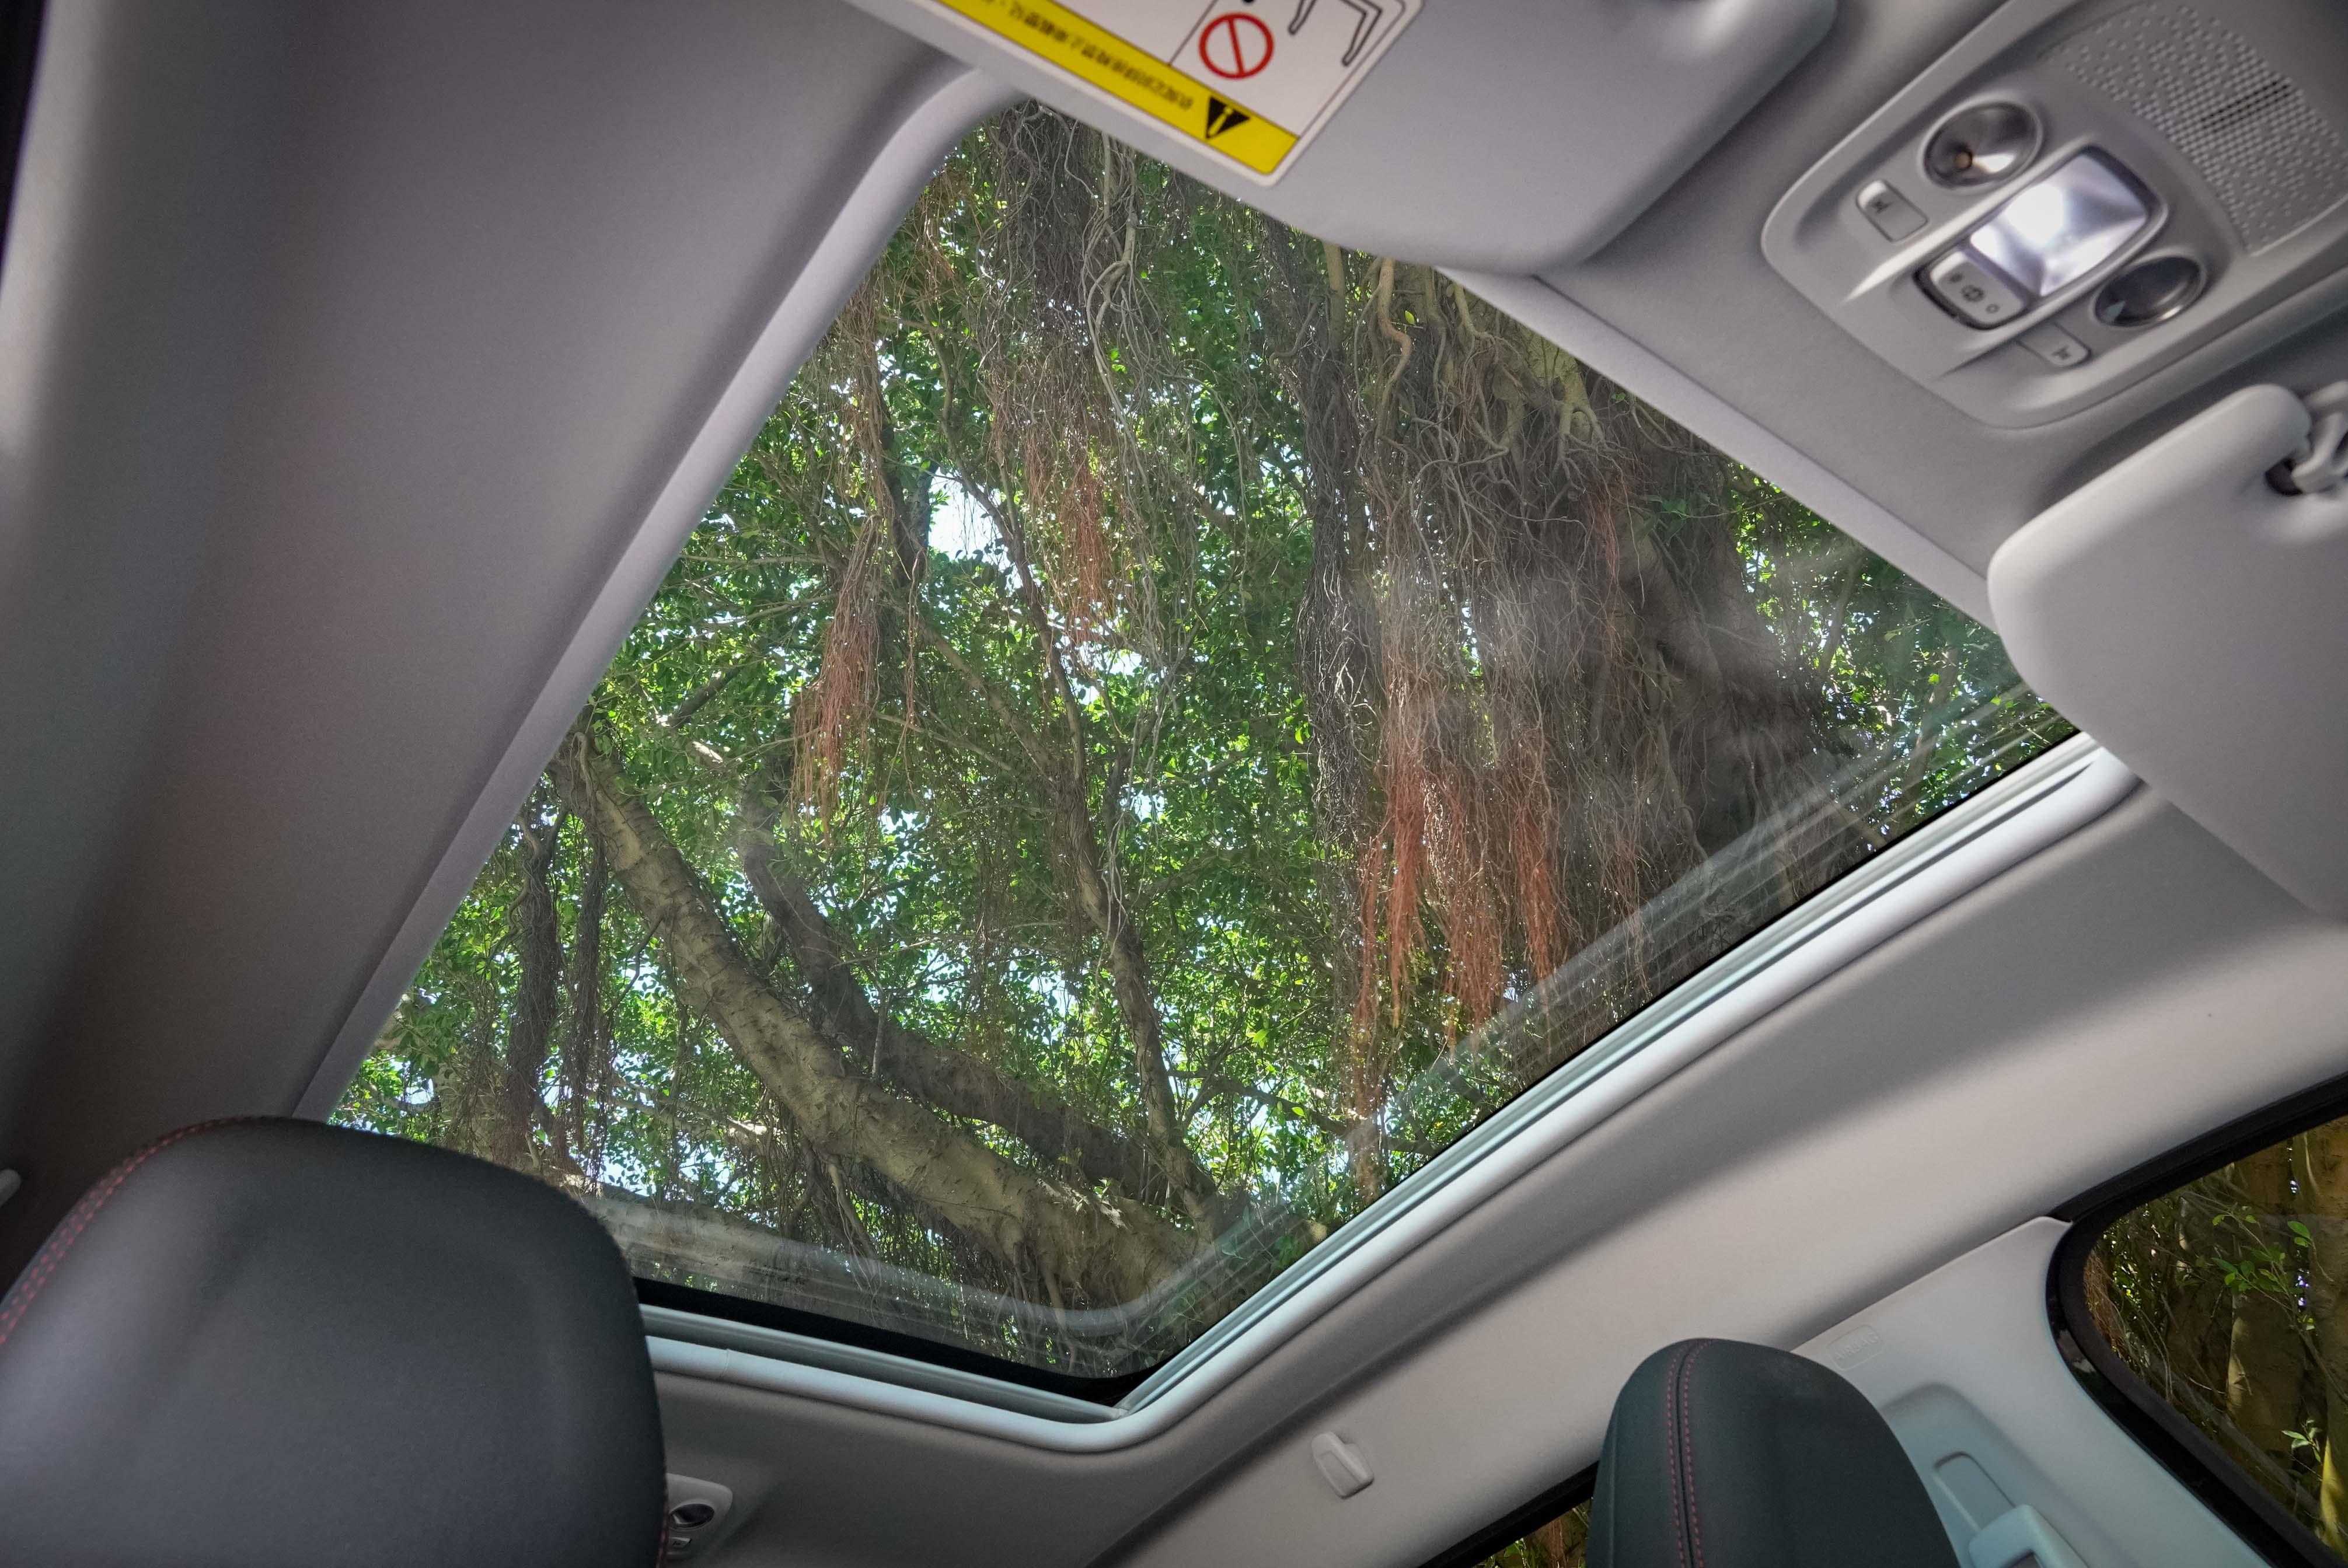 2008 特仕版標配 Cielo 全景式雙層膠合強化玻璃車頂。